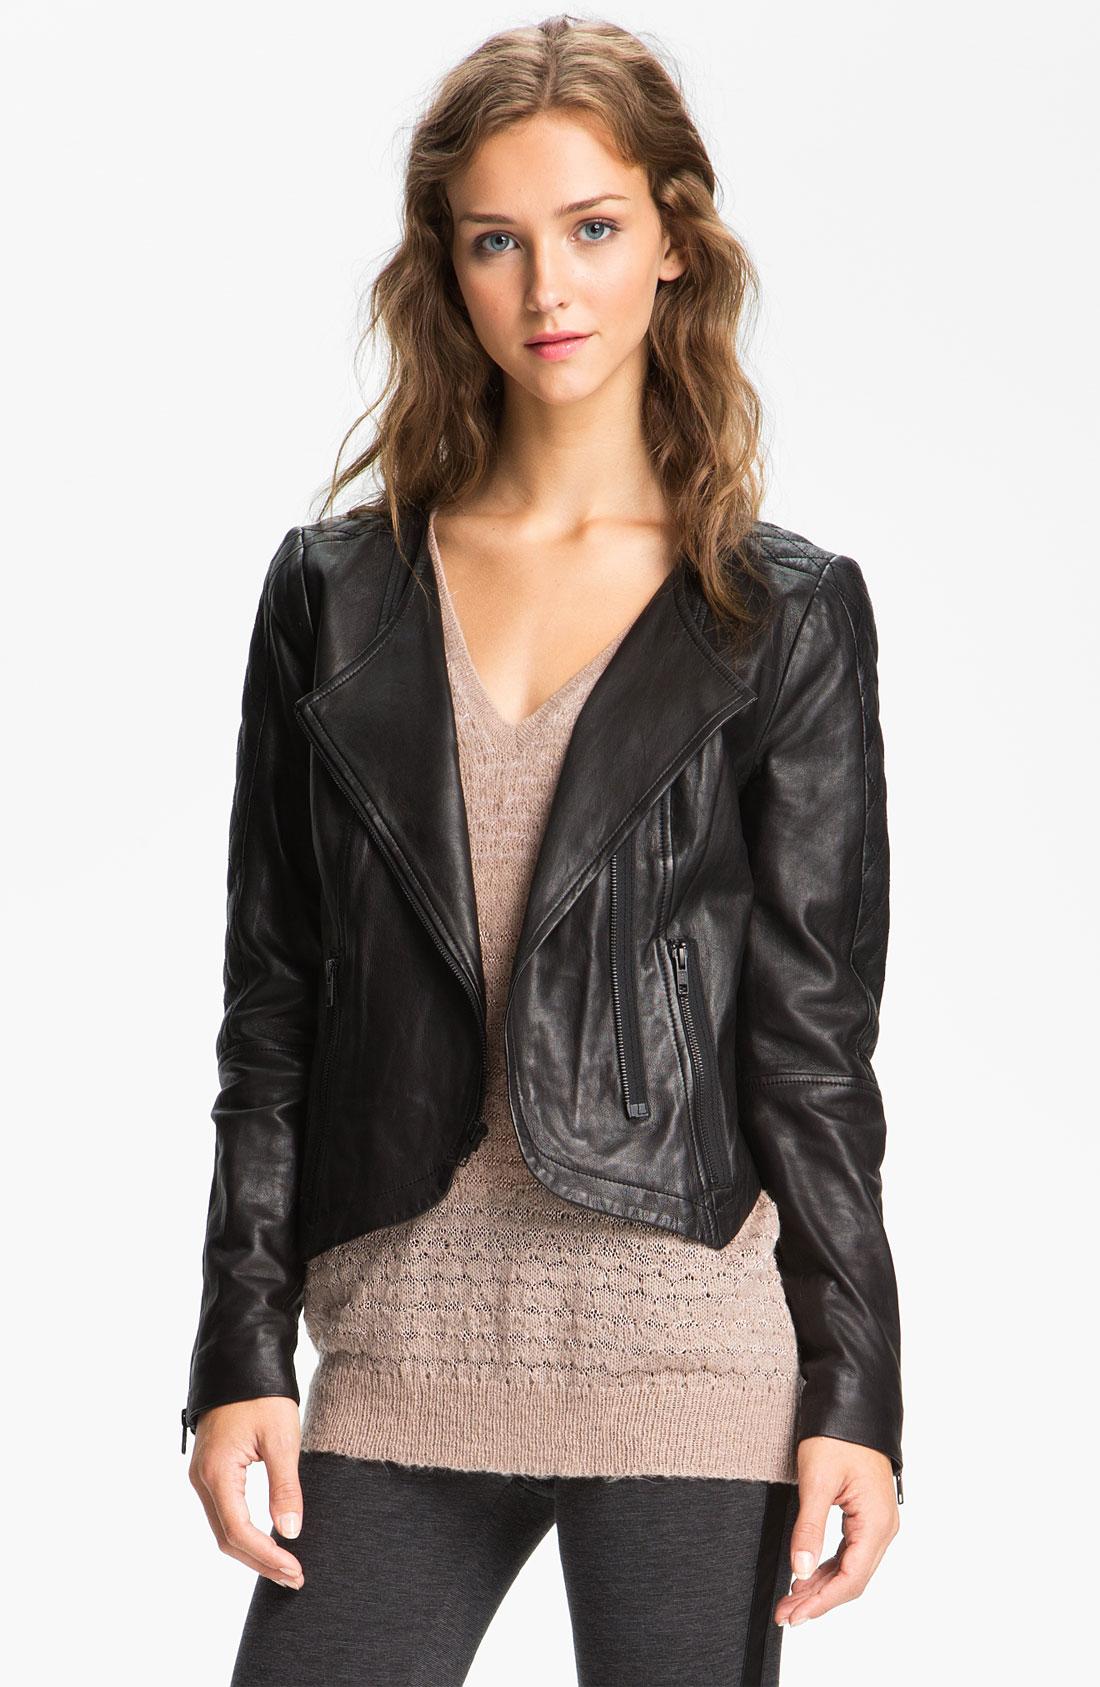 Trouvé Black Quilted Panel Leather Moto Jacket ( Size XS)   eBay : quilted leather moto jacket - Adamdwight.com